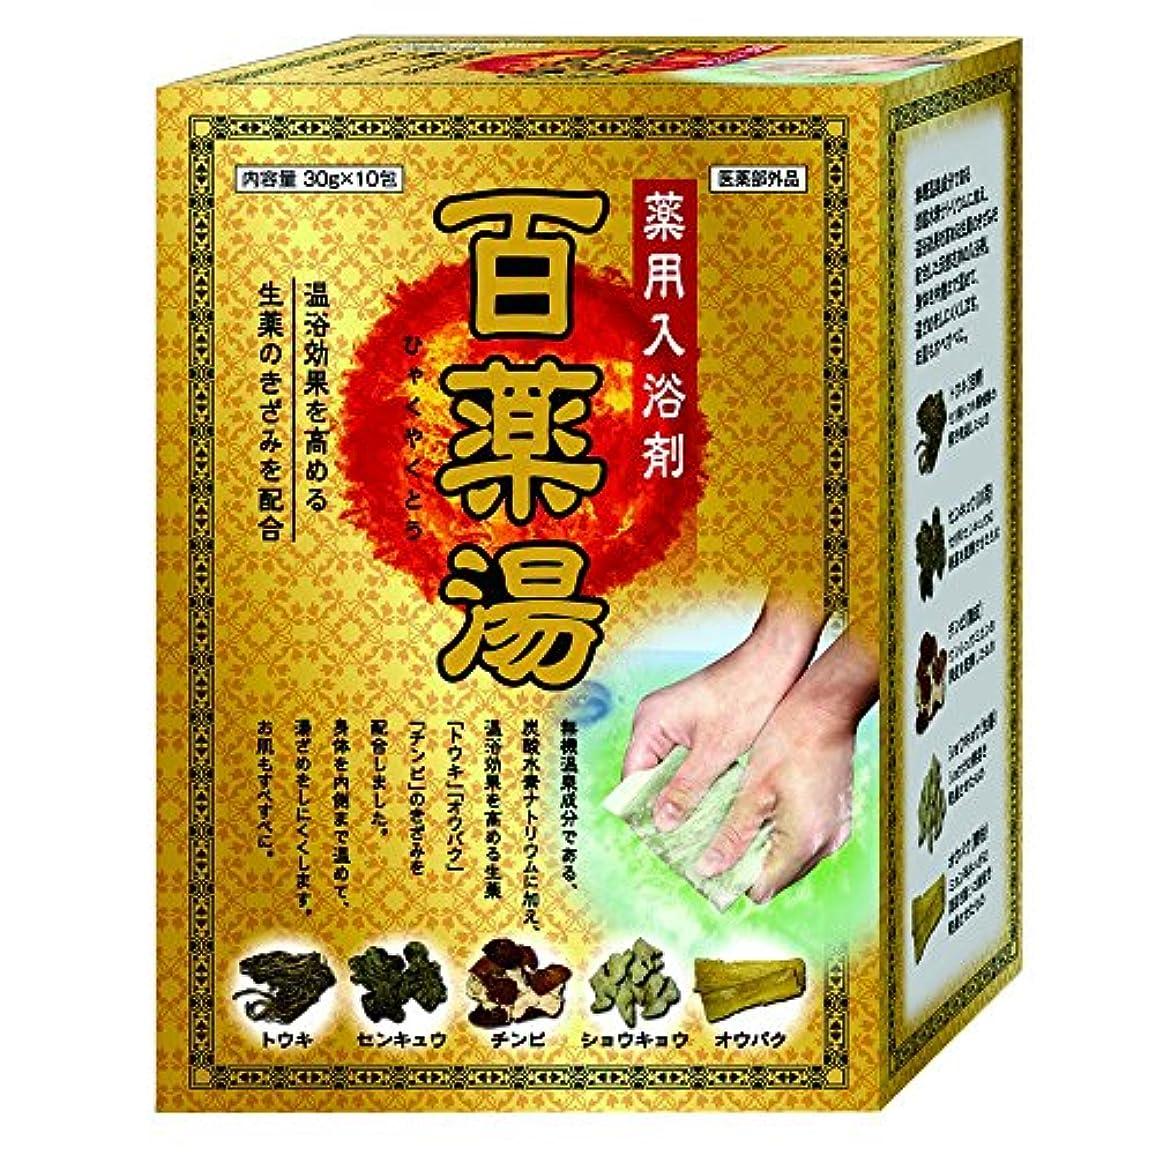 動物候補者応用百薬湯 薬用入浴剤 温浴効果を高める生薬のきざみを配合 30g×10包 (医薬部外品)